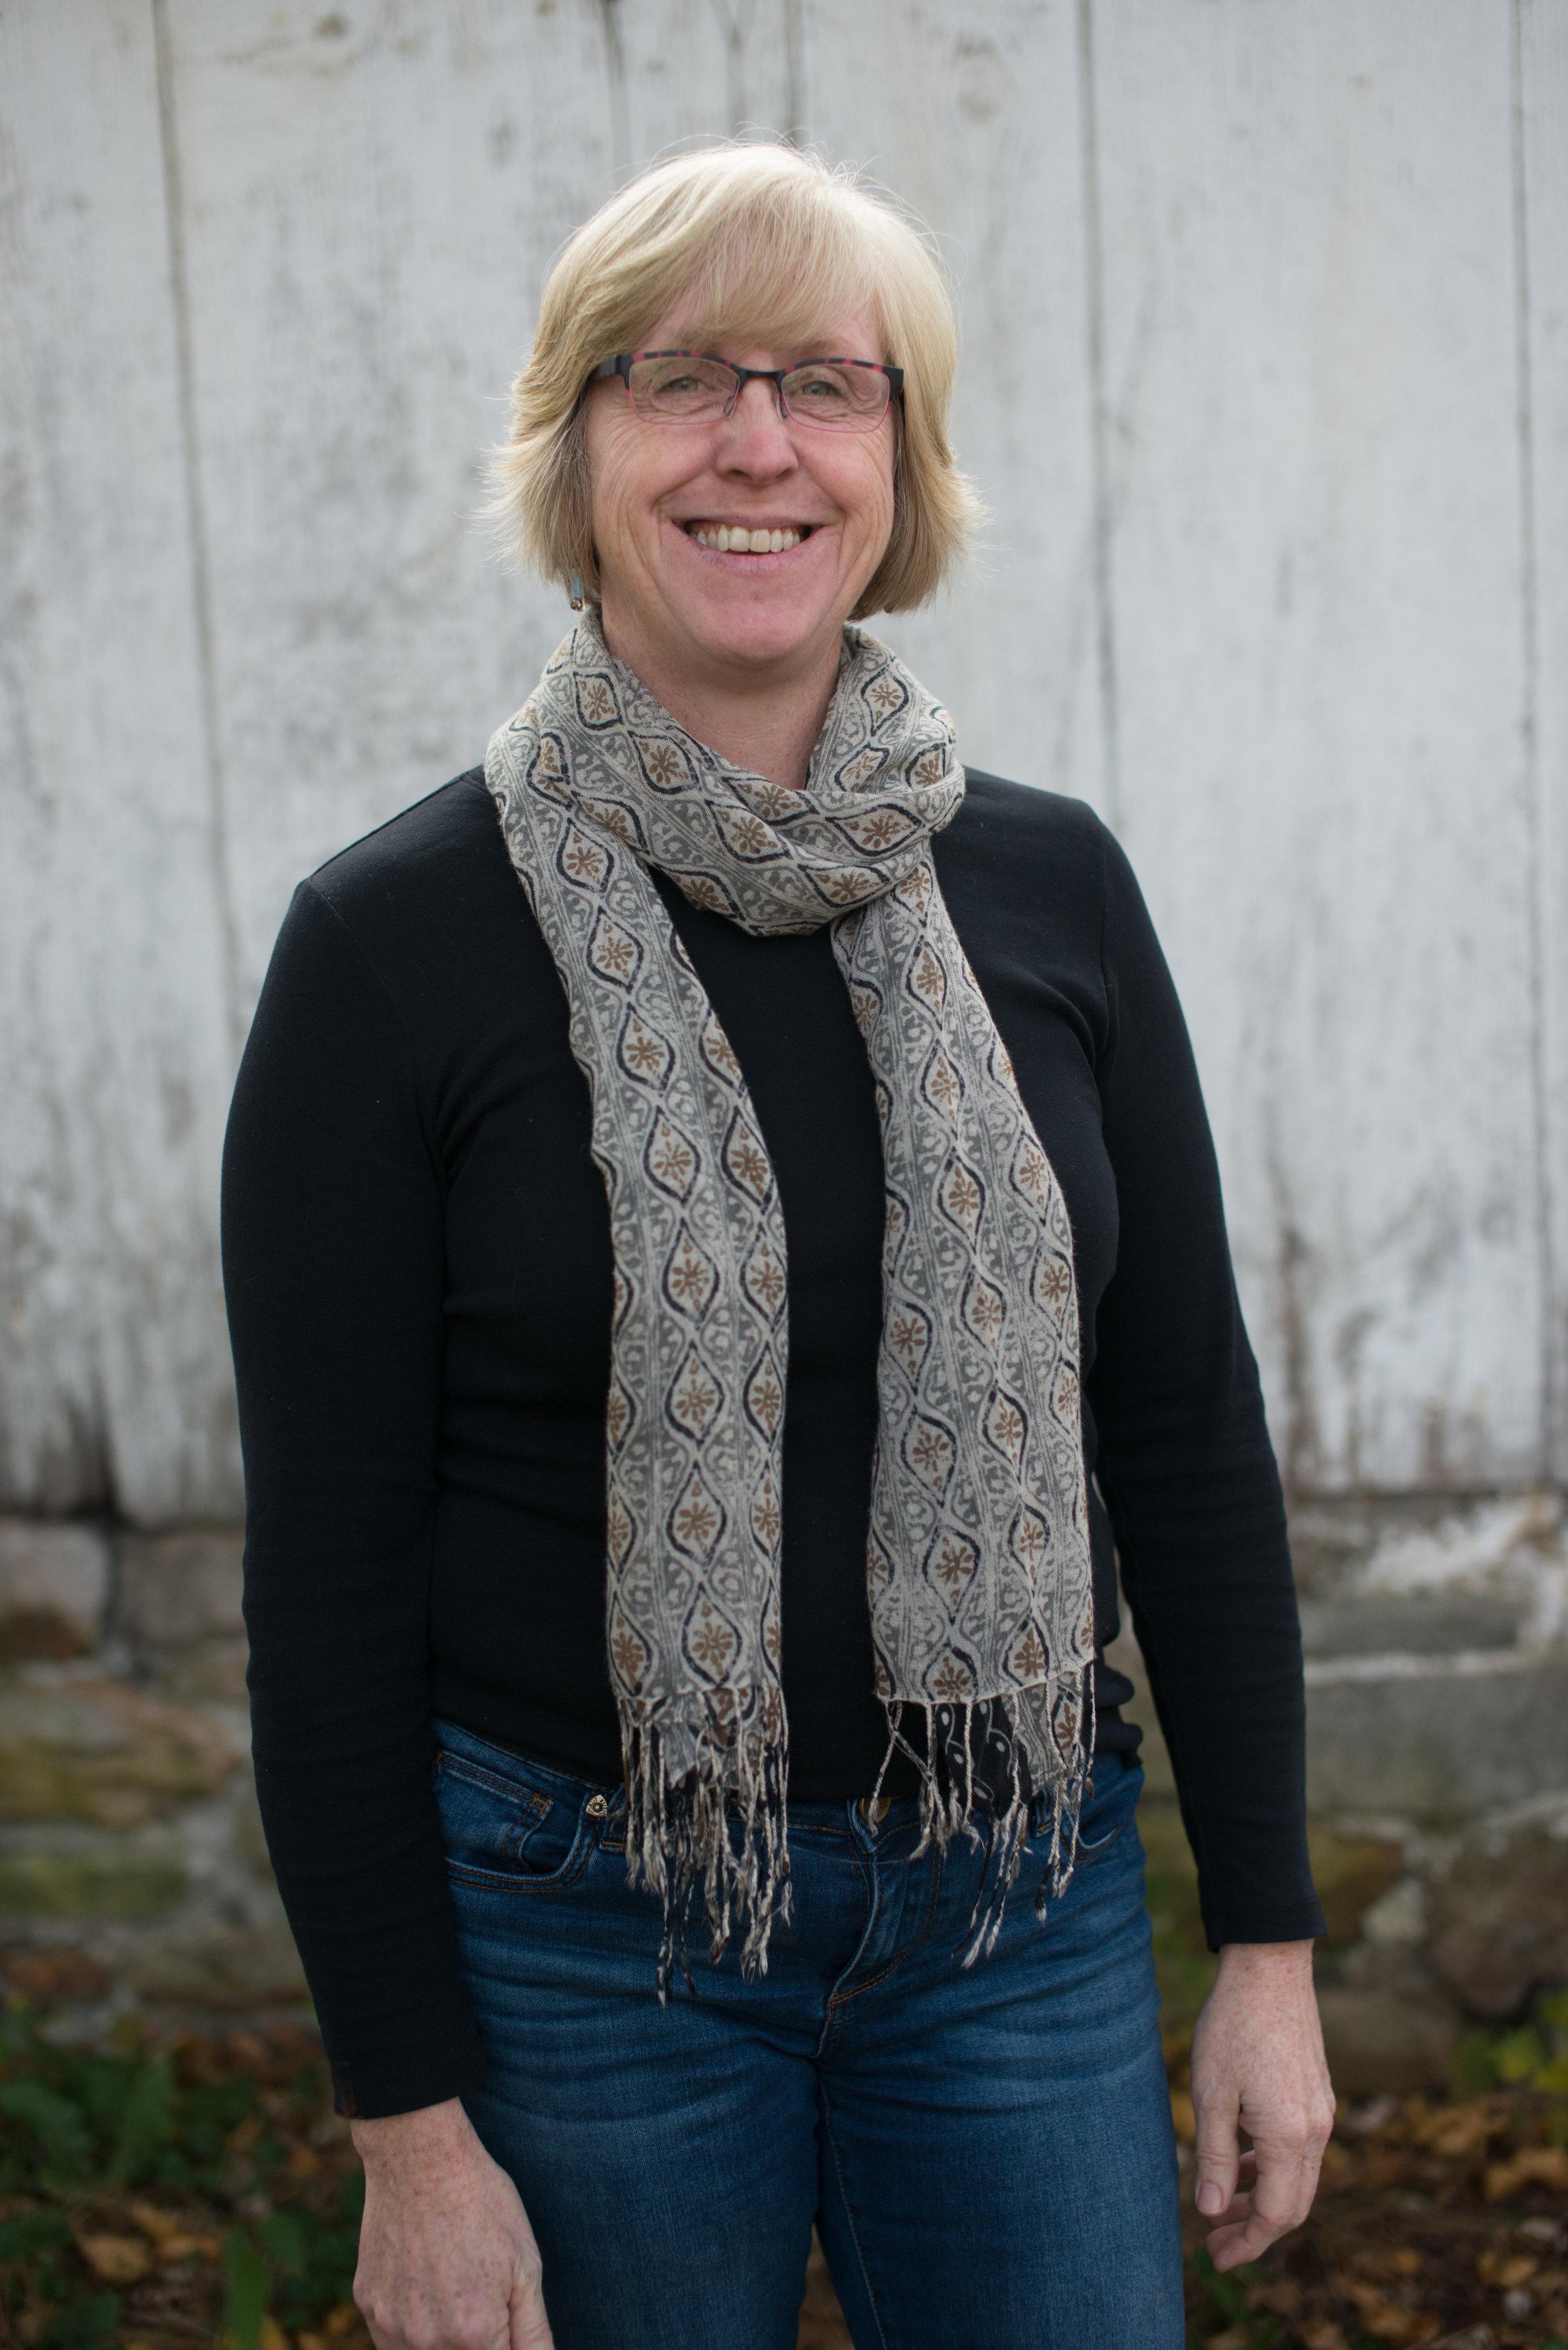 Sue Miller of Birchrun Hills Farm